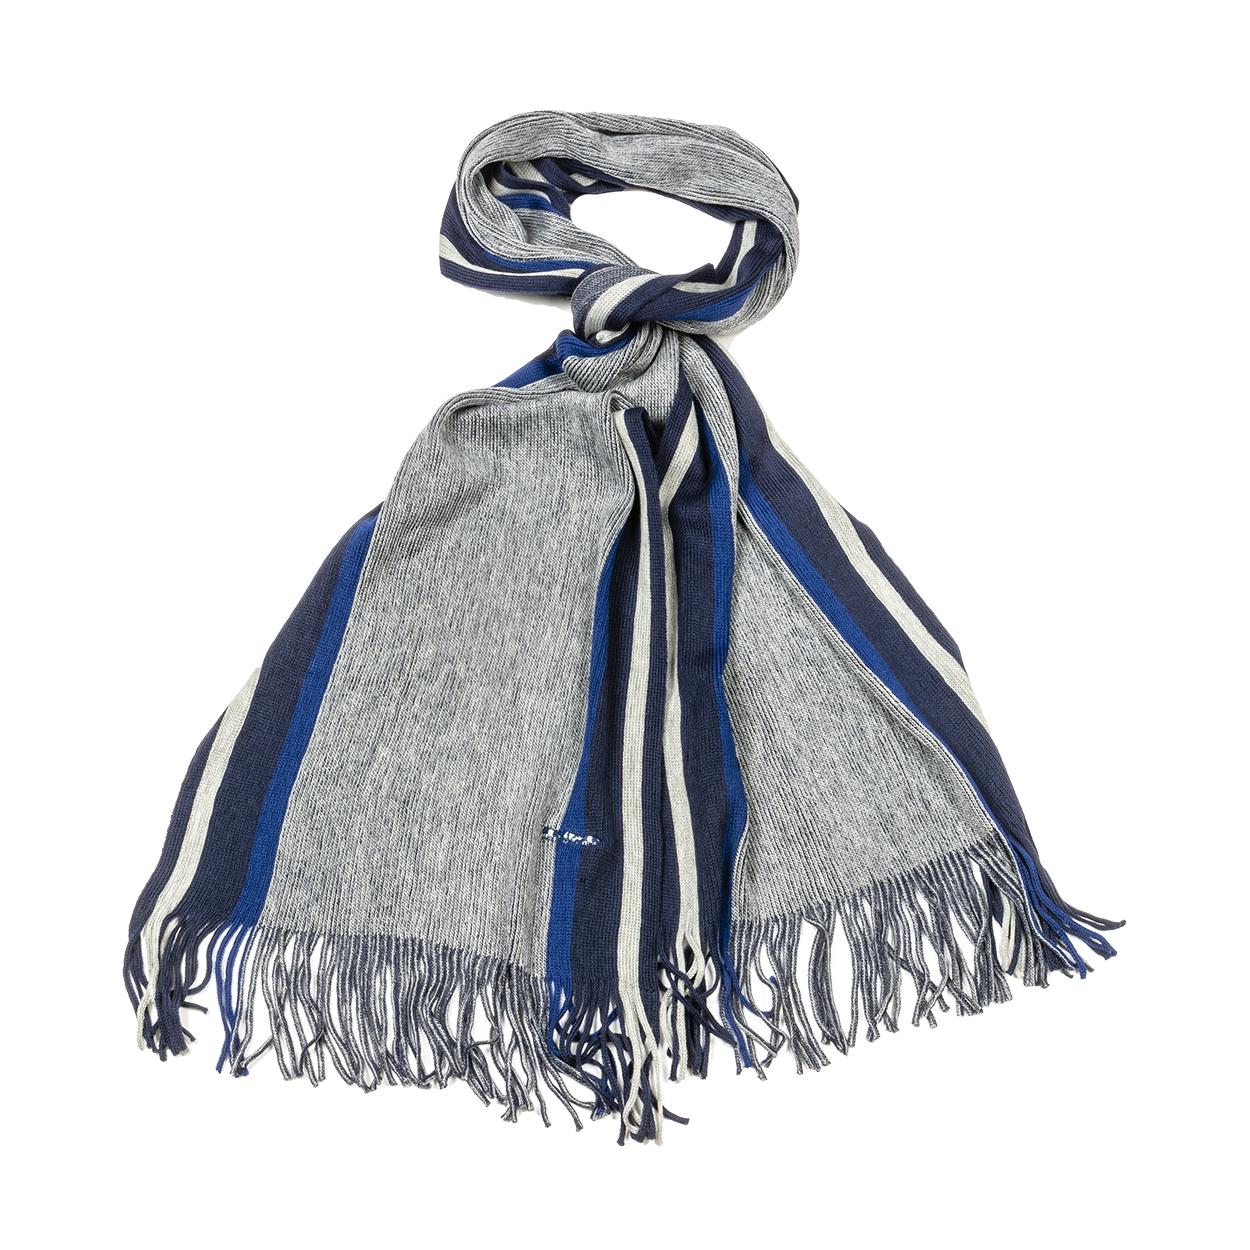 Echarpe  olive en laine mélangée grise, bleu indigo et bleu marine